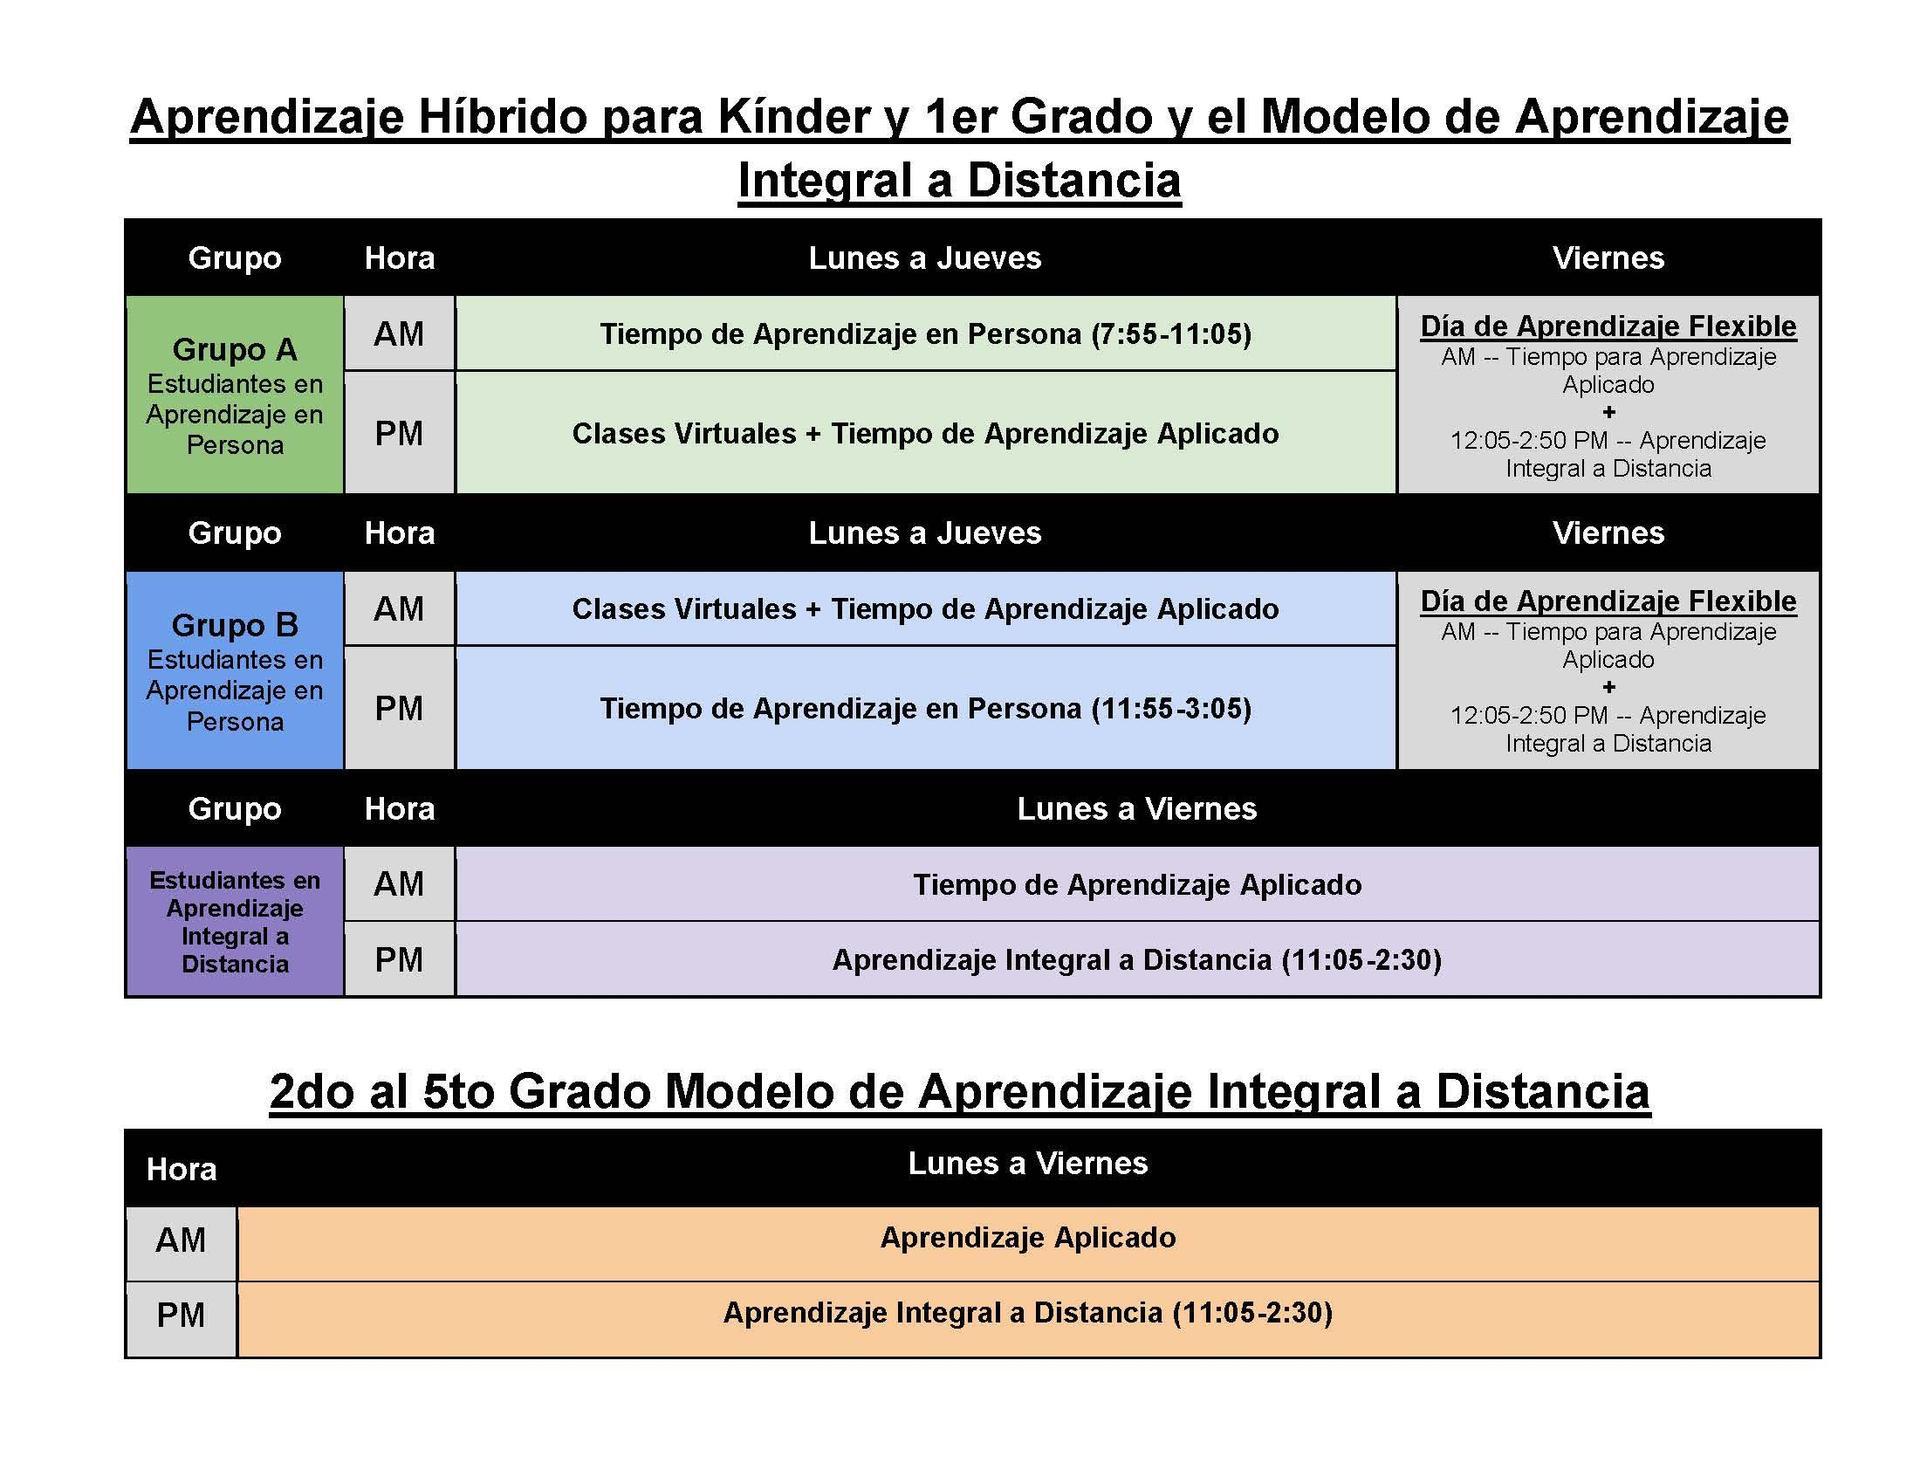 Modelo Híbrido de las Escuelas Primarias